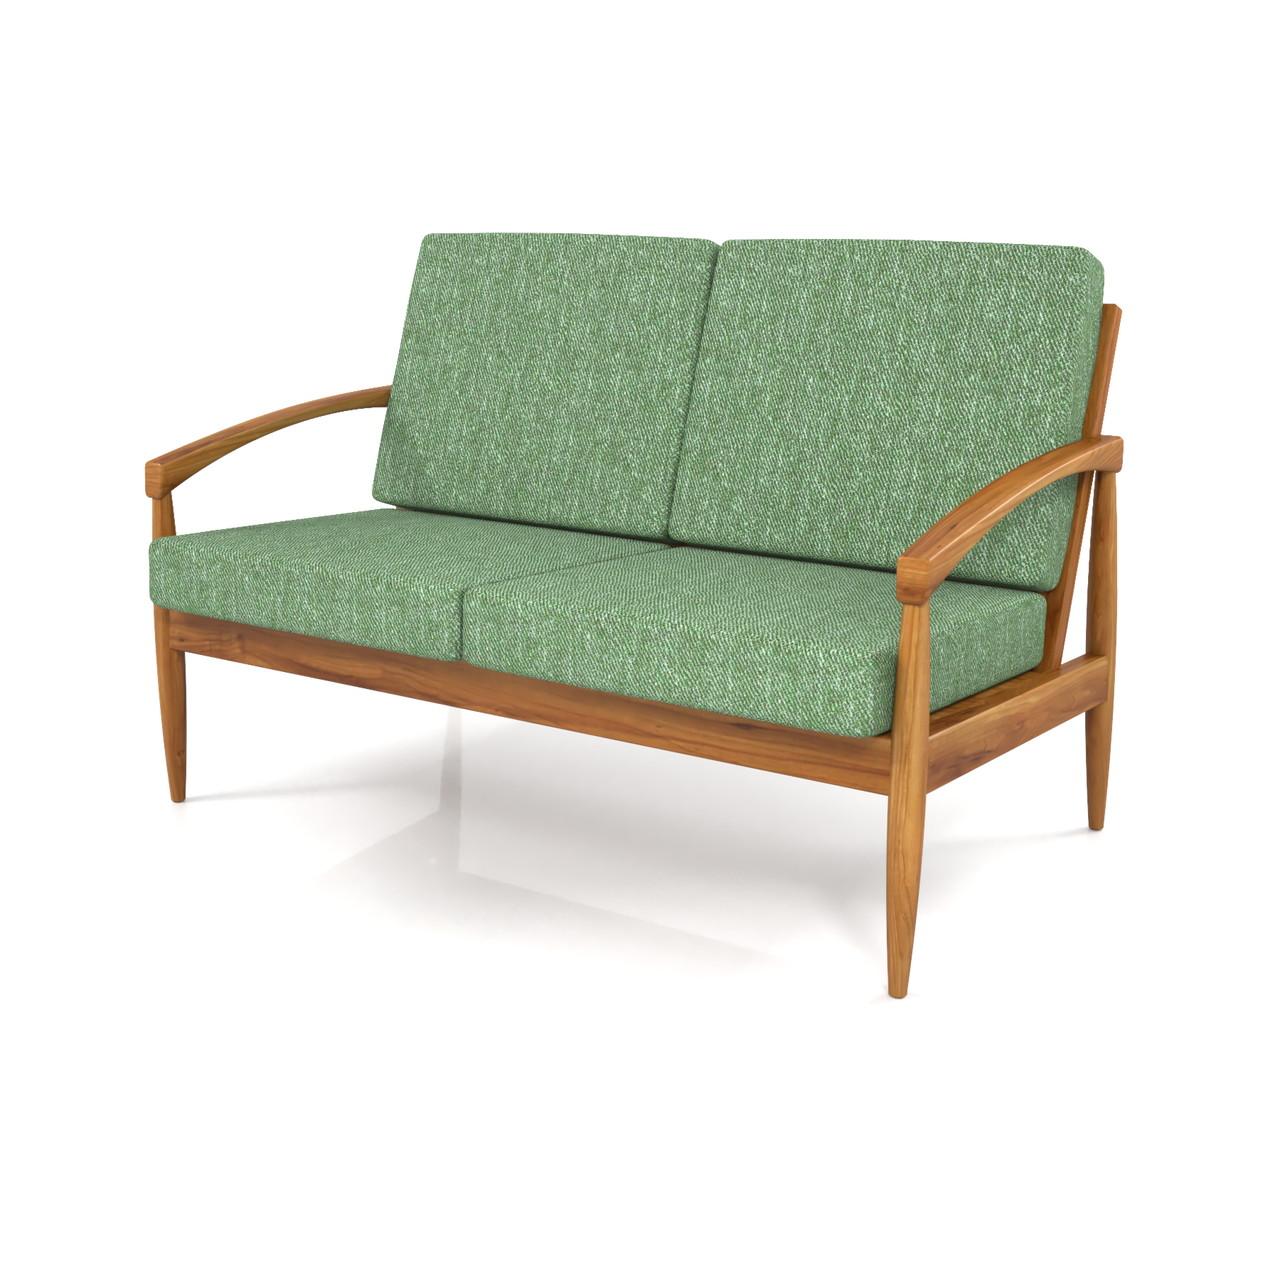 2人掛けのソファ(緑色)の3DCADデータ丨インテリア 家具 ソファー丨無料 商用可能 フリー素材 フリーデータ丨データ形式はformZ ・3ds・objファイルです丨digital-architex.com